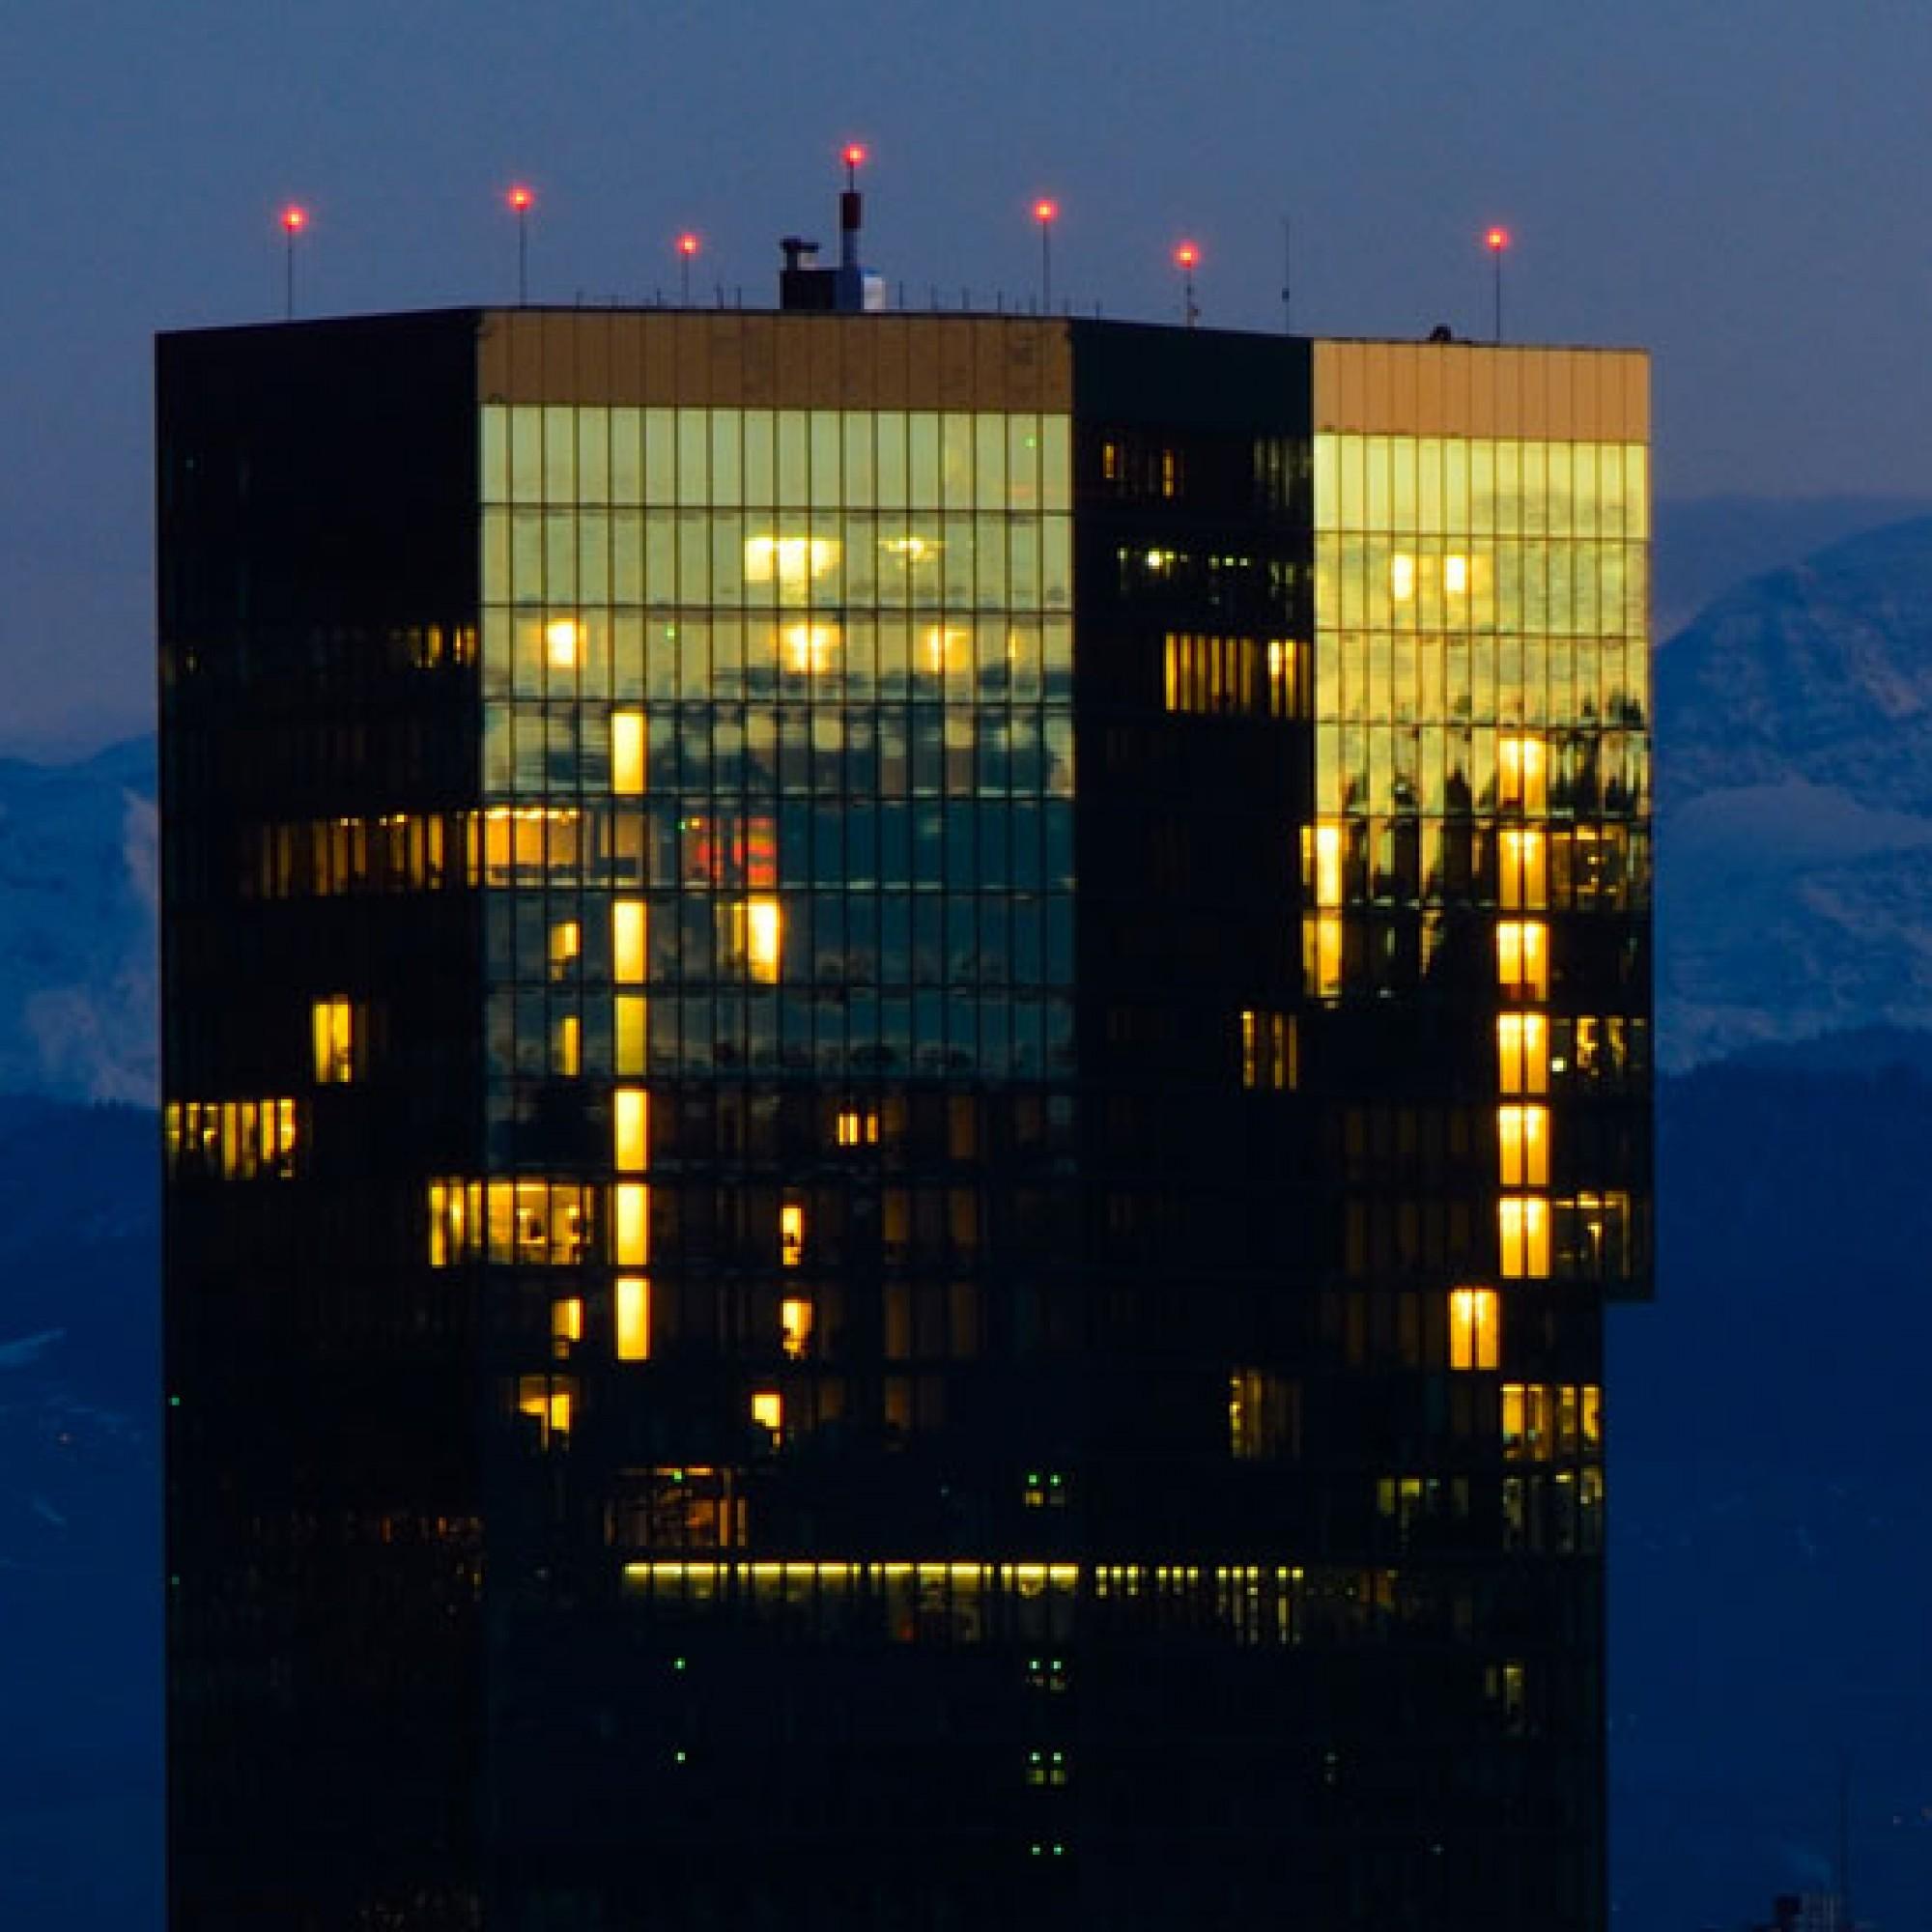 Ein Überangebot an Büroflächen besteht laut CS derzeit vor allem in den Regionen Genf und Zürich. (Bild: Kuhnmi, flickr, CC)